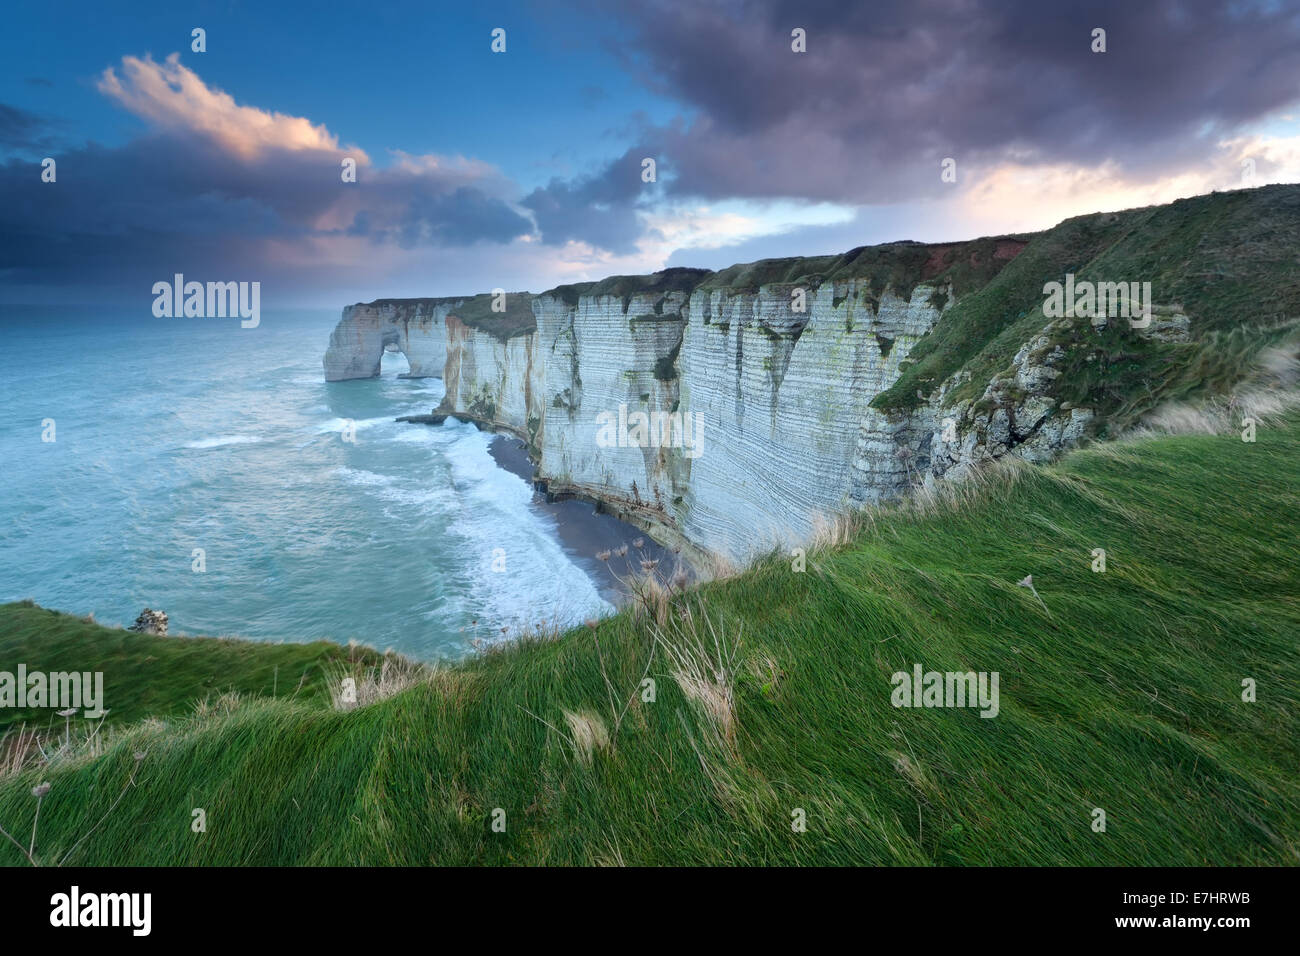 Sunrise oltre oceano Atlantico costa rocciosa, Etretat, Normandia, Francia Immagini Stock